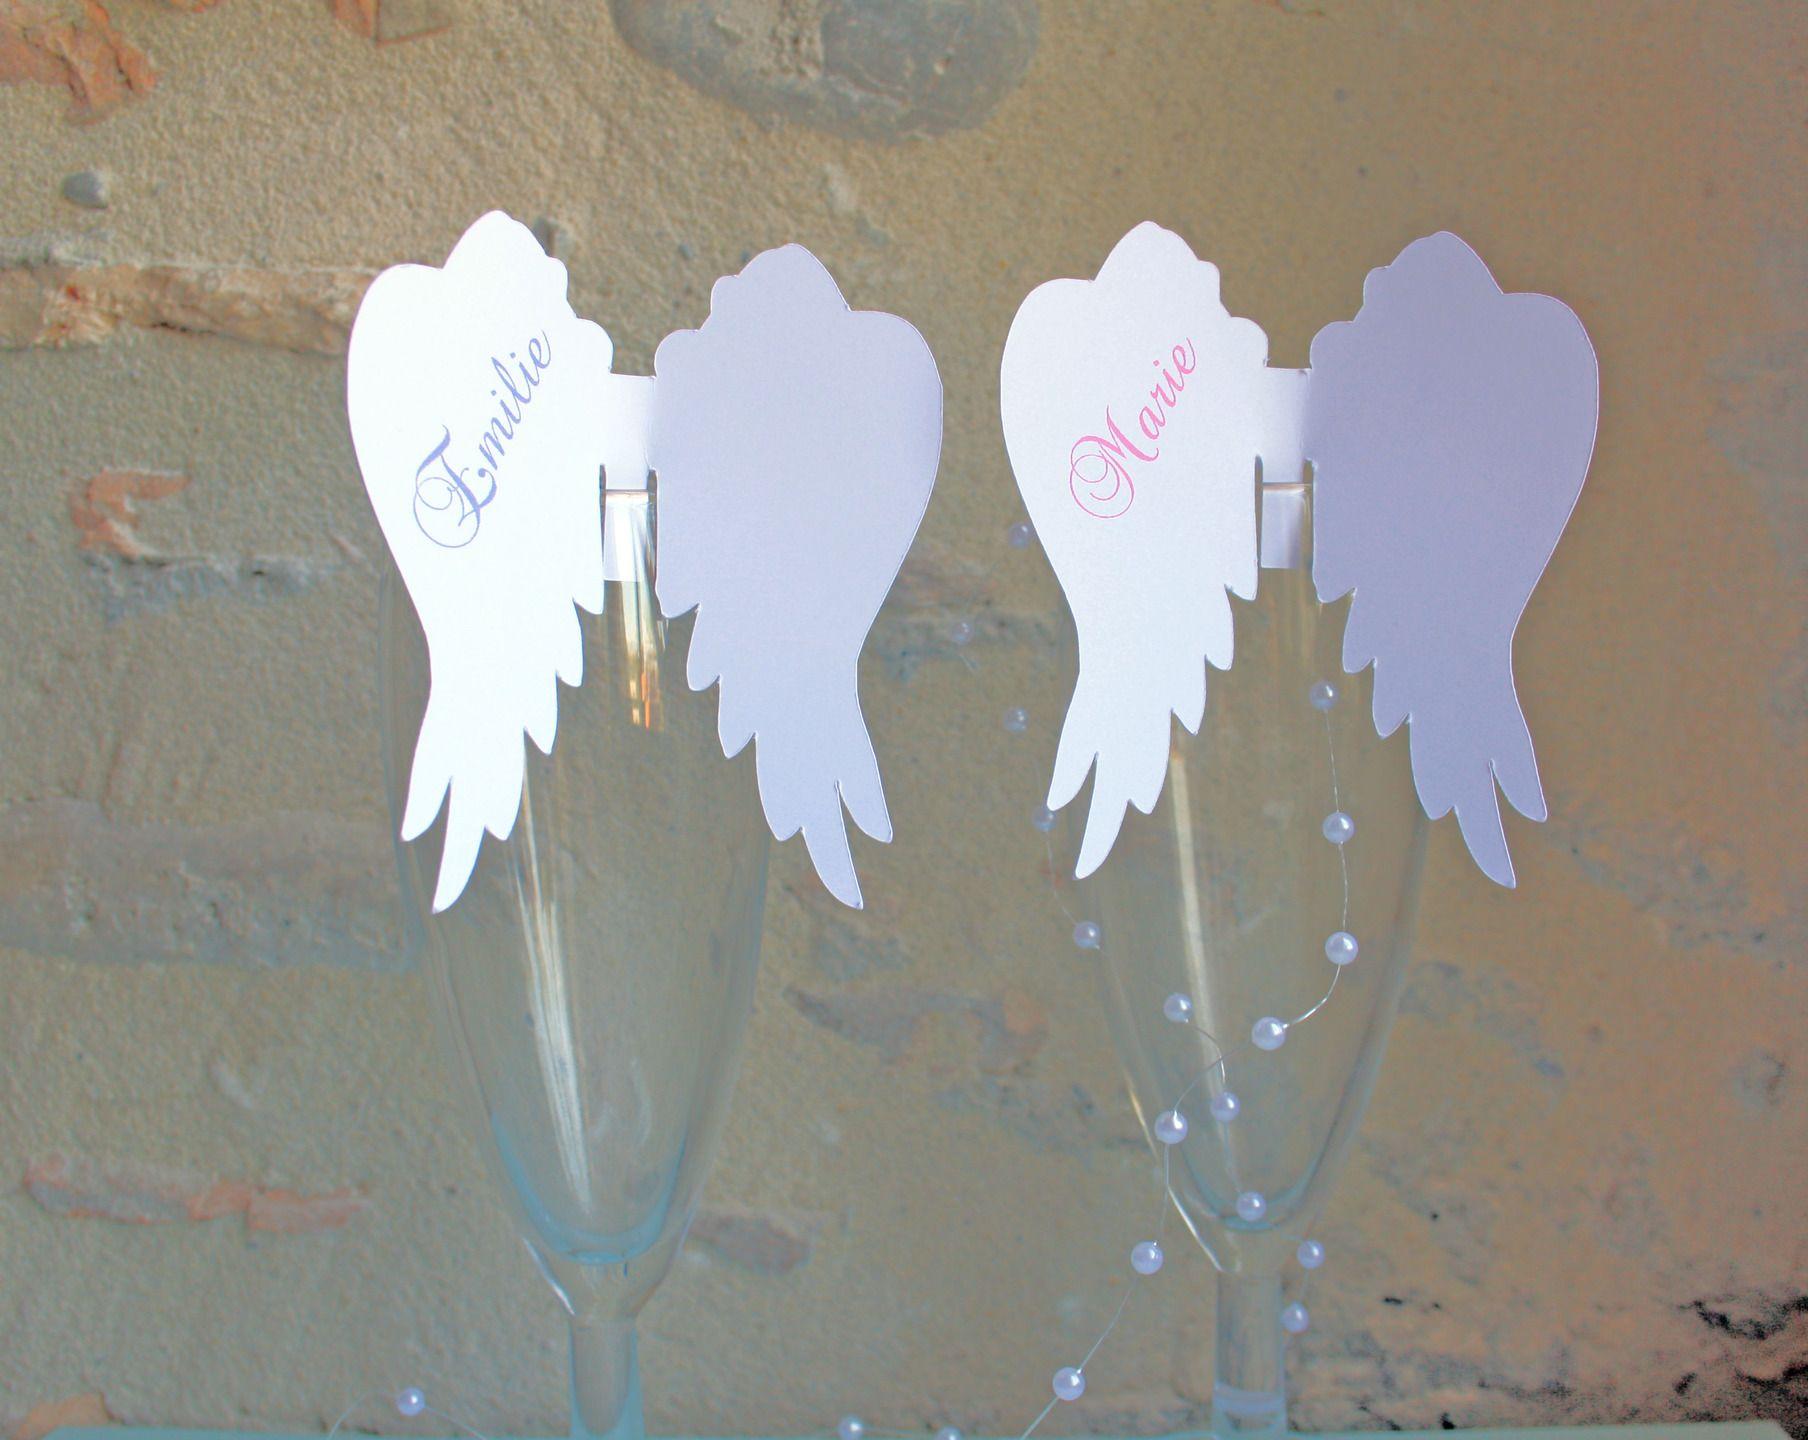 Fabuleux Lot de 5 Marque place aile d'ange sur verre personnalisé pour  NC59